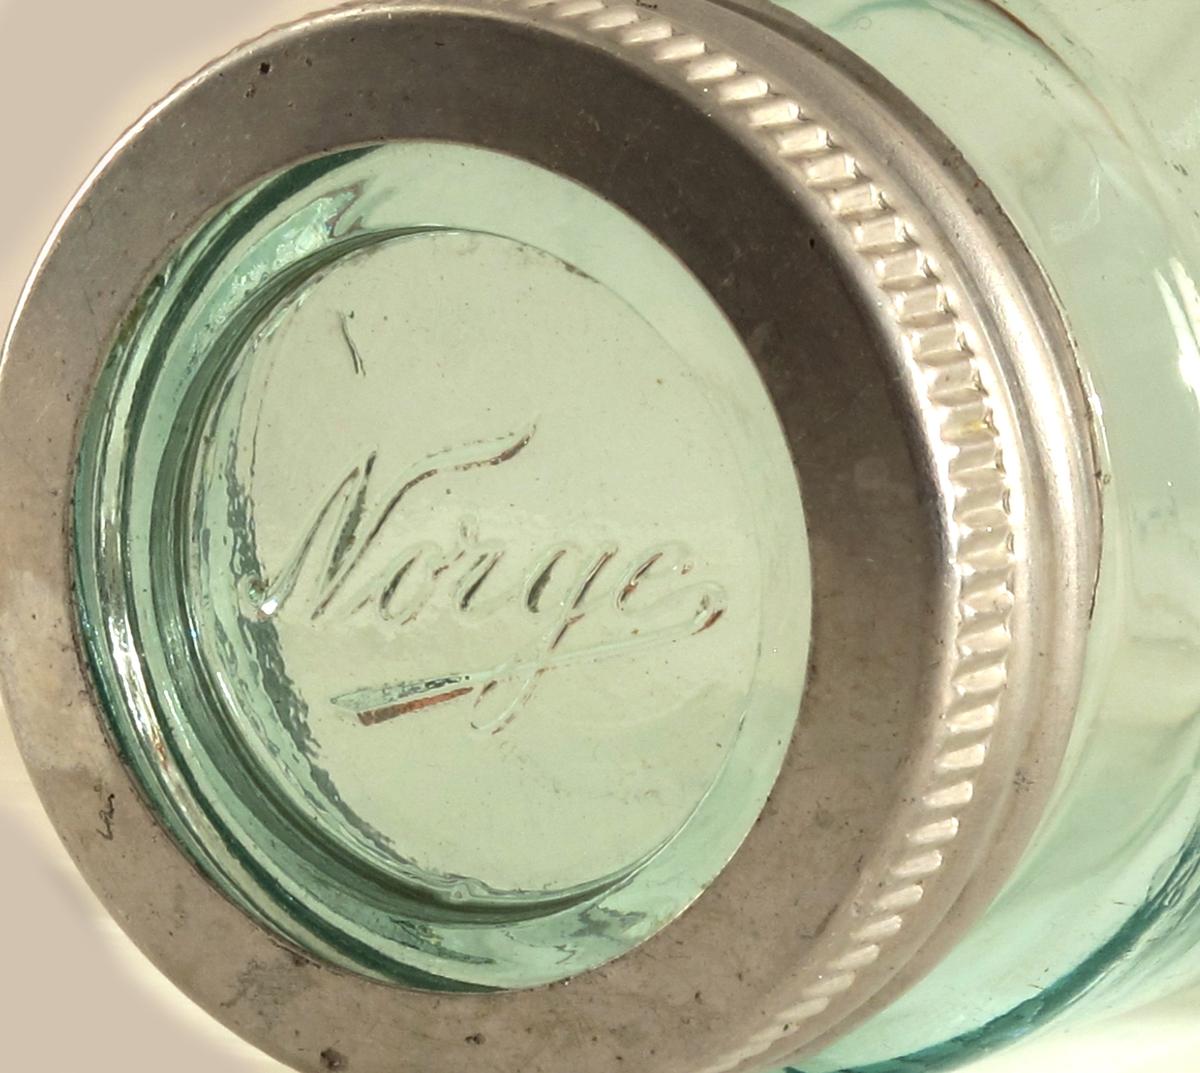 """Norgesglass,  hermetikk glass.  syltetøyglass    Glass,  grønnlig. Ustemplet, antag. Moss Glassverk.   3/4 liter   syltetøy eller hermetiseringsglass   sylindrisk  med noe smalere munning skrugjenger.   Norge  i relieff  på siden. Skrulokk av aluminium  med åpent midtparti, underliggende  glass-skive med """"Norge i relieff.  Har hatt rød gummiring, pakning, som ble lagt  på for å gjøre lokket helt tett."""